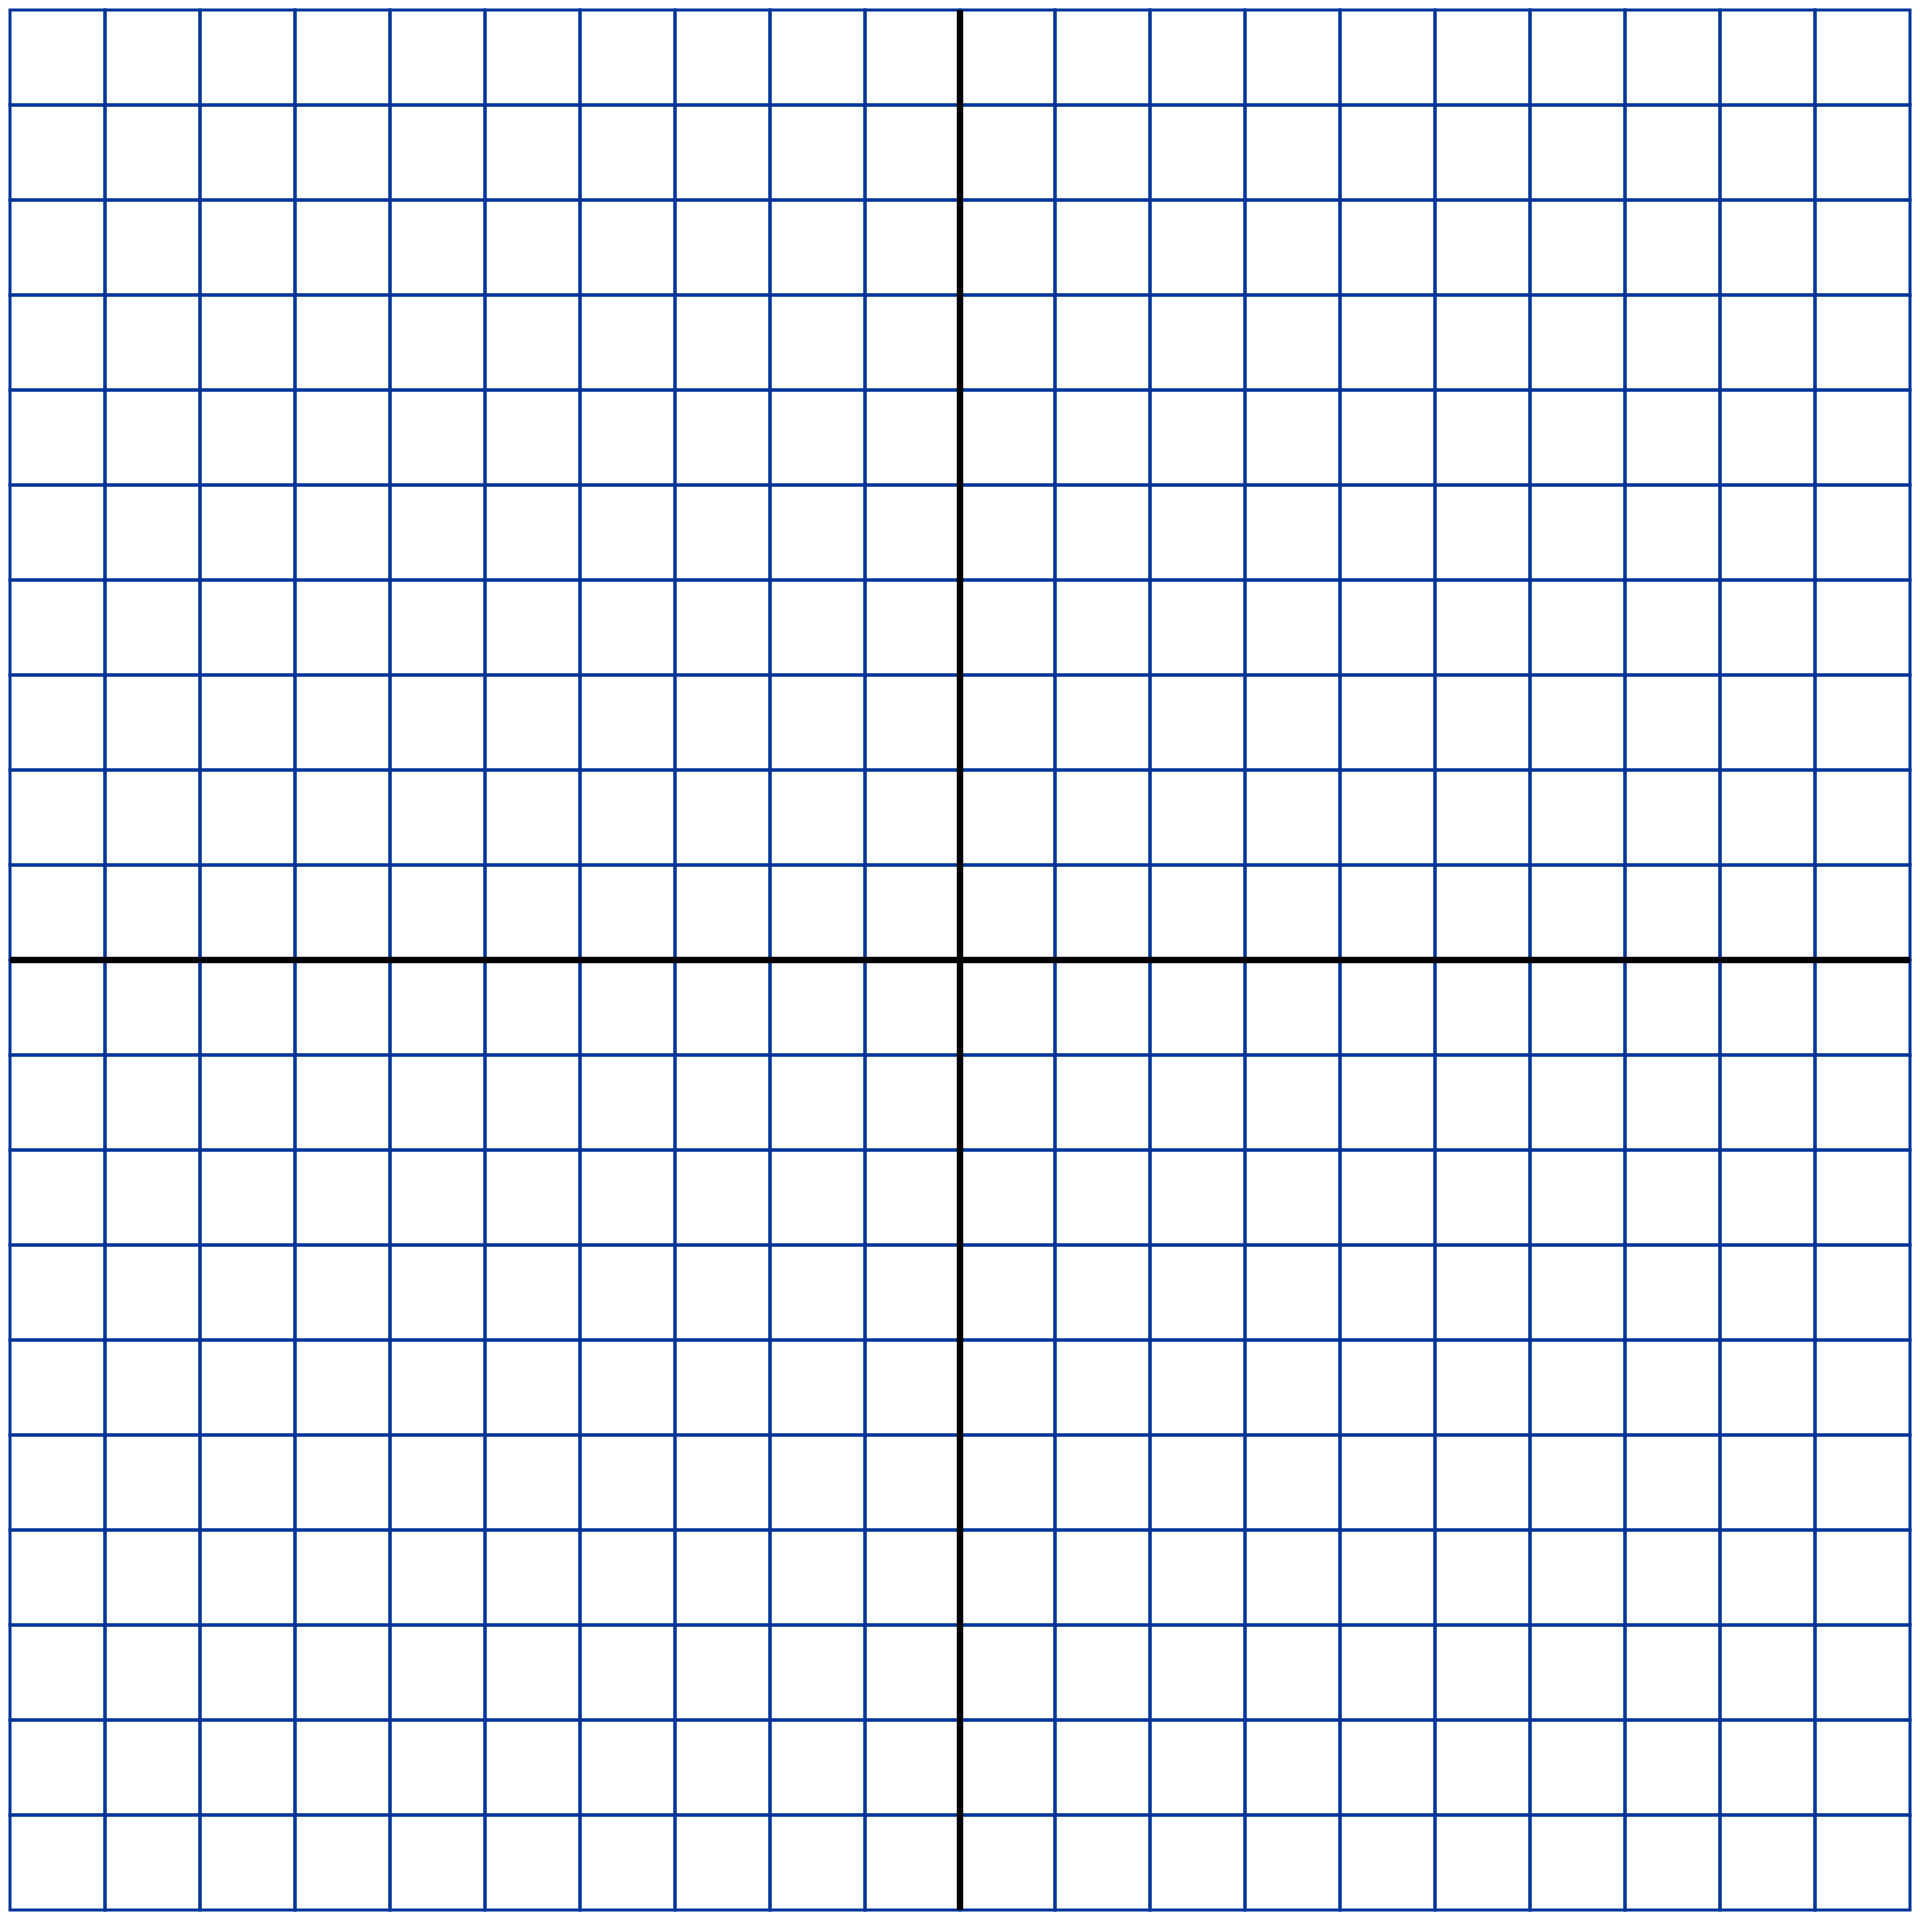 20 X 20 Grid Printable